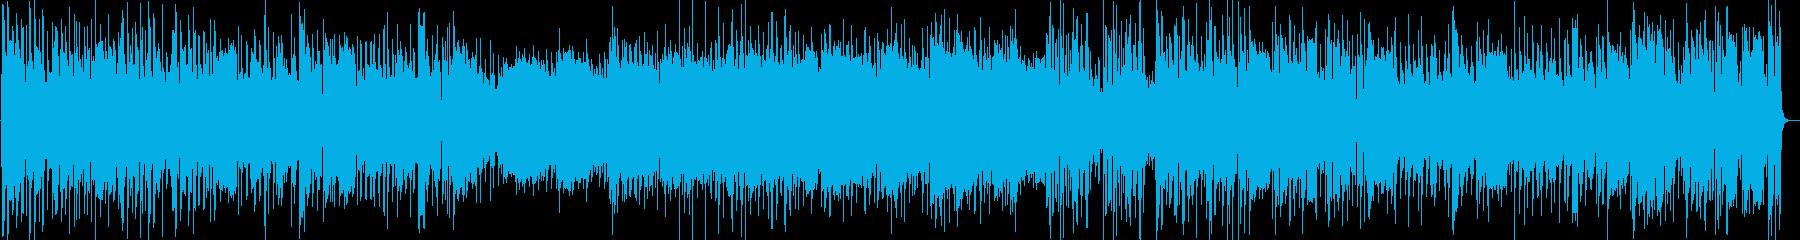 スピード感のあるアコースティックサウンドの再生済みの波形